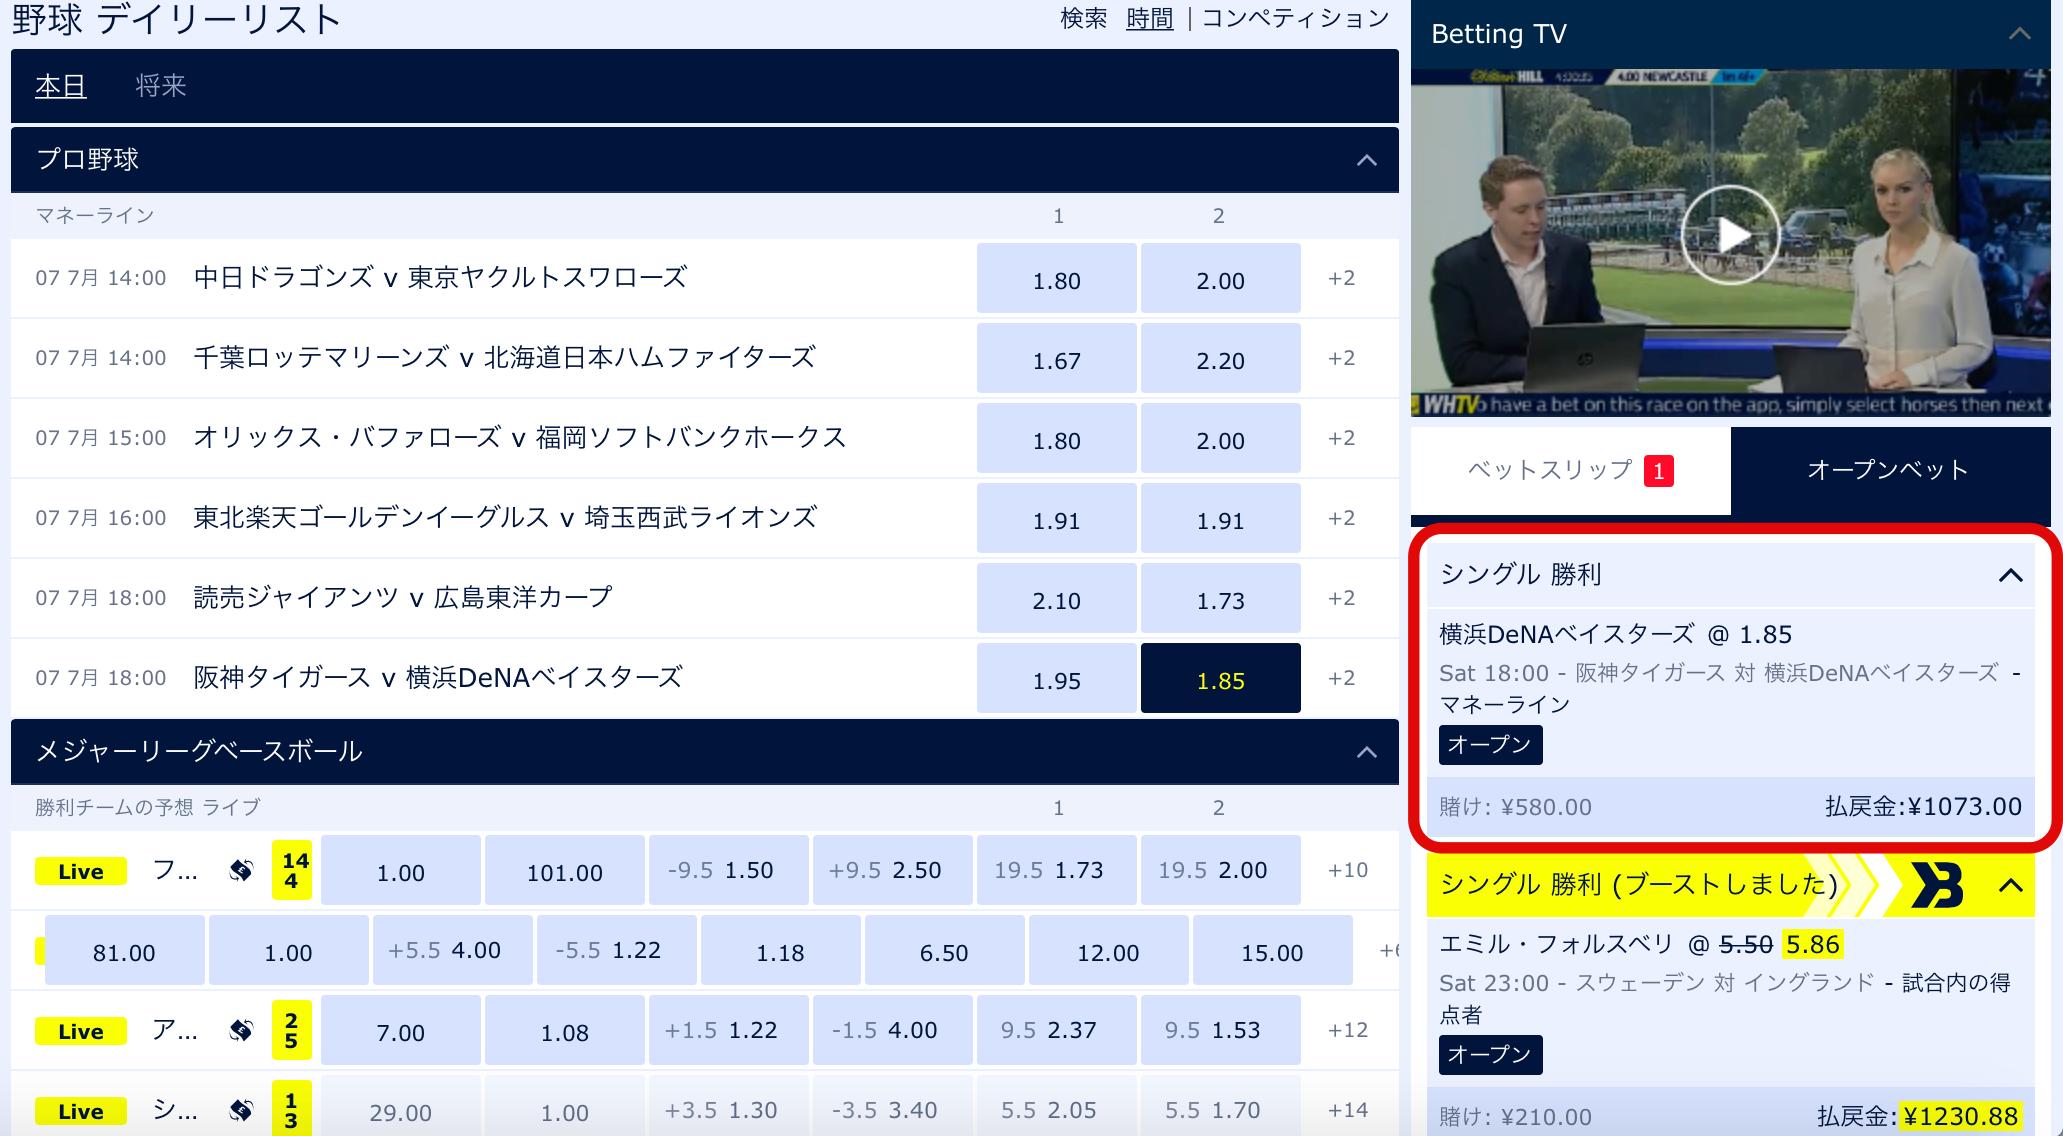 横浜DeNAベイスターズの勝利にベット2